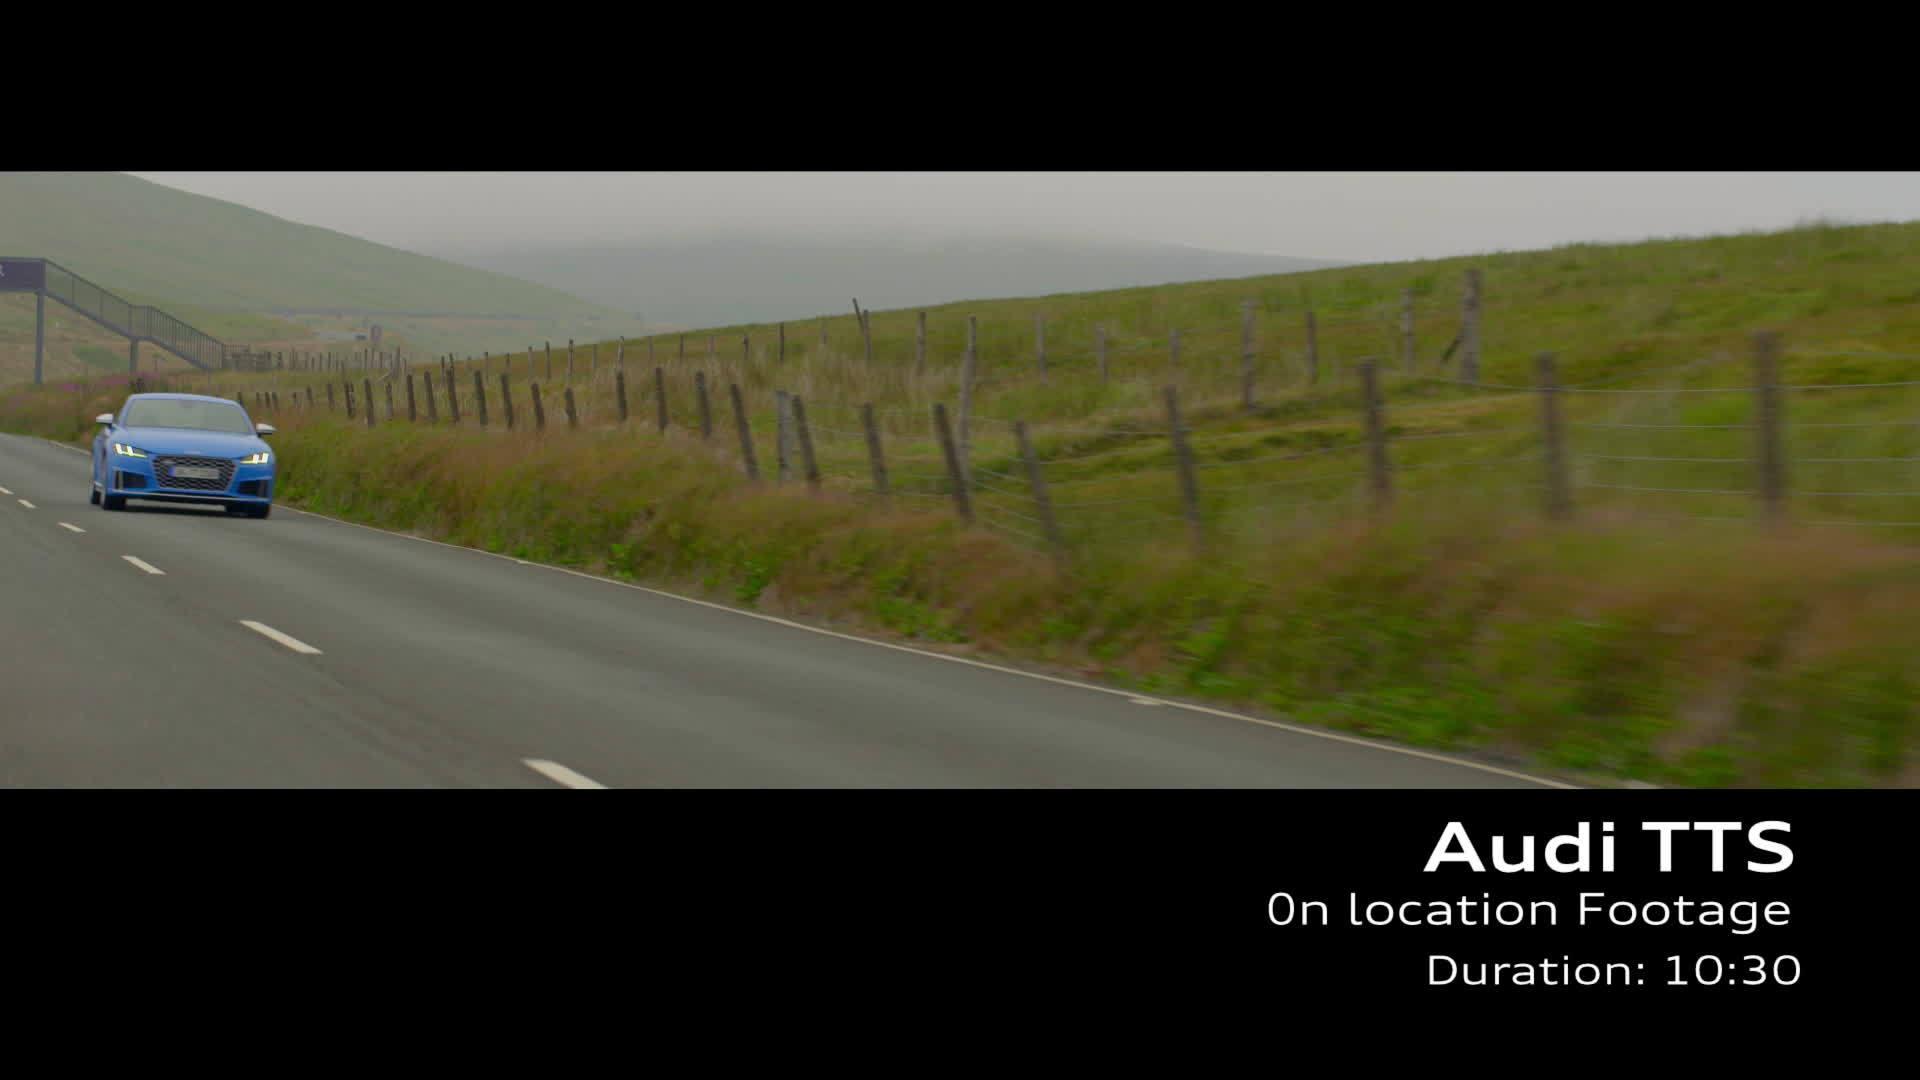 Audi TTS Footage Turboblau